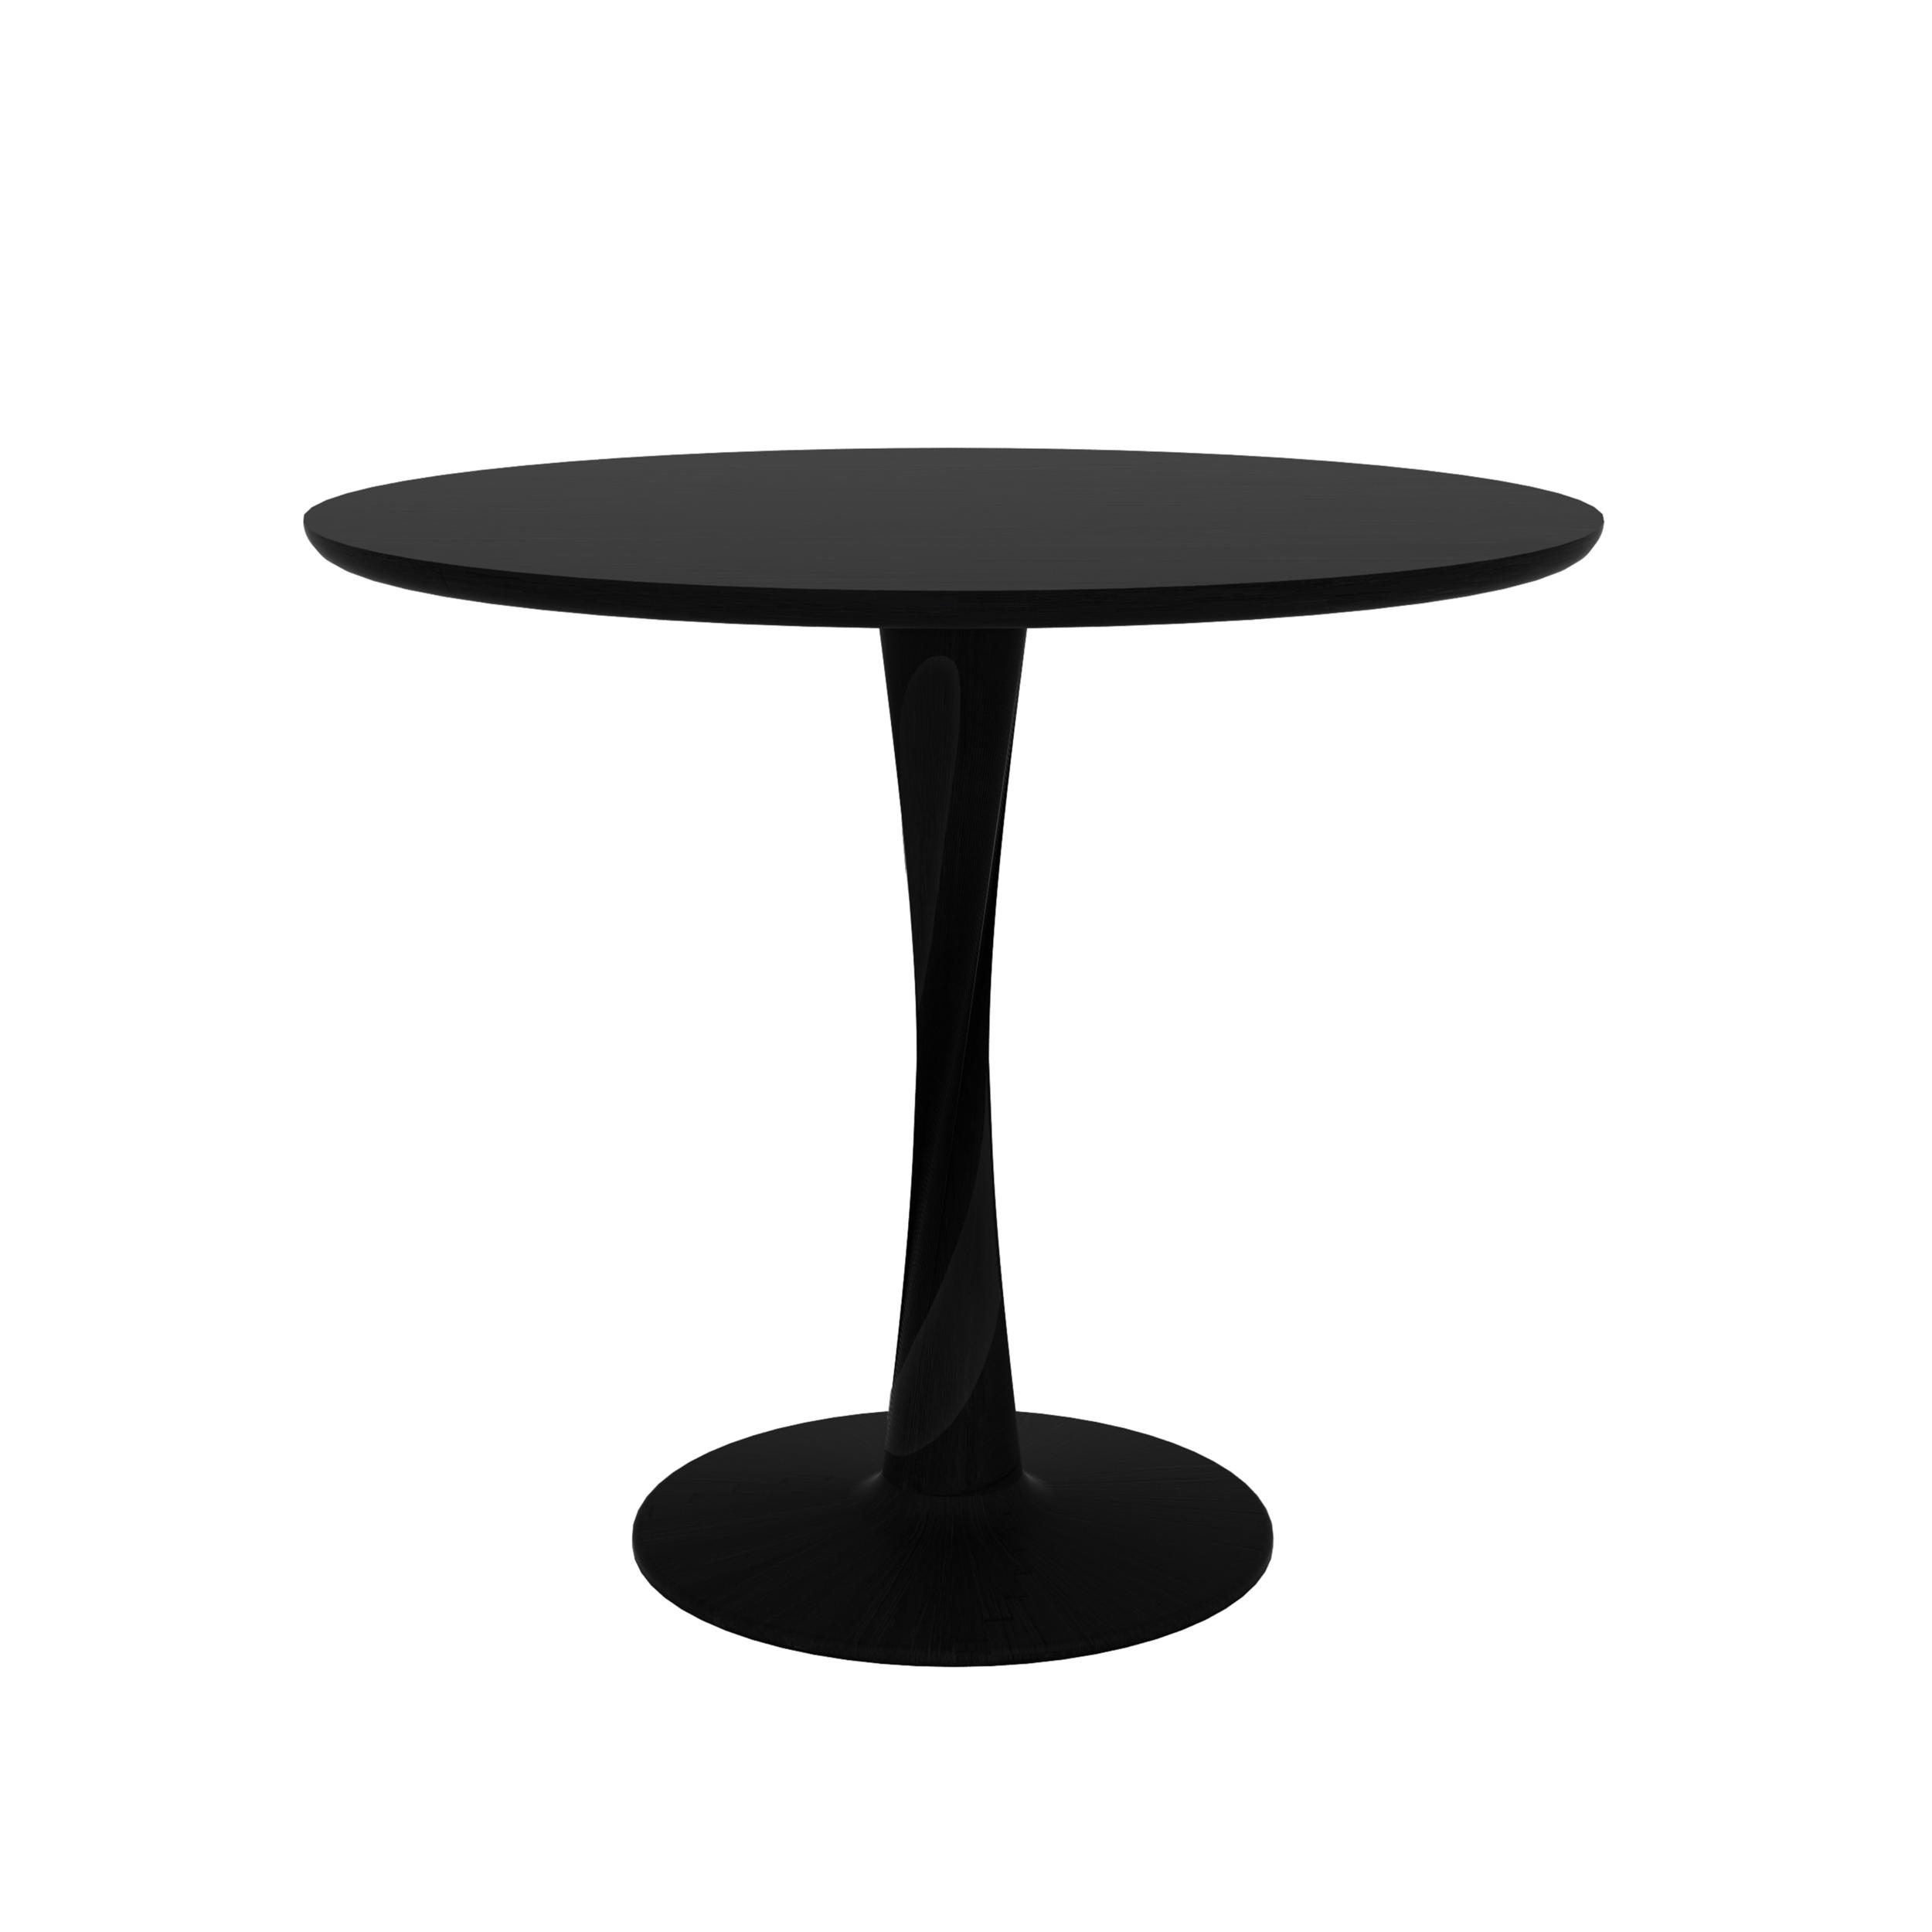 50013 Torsion dining table - Oak black.jpg.png